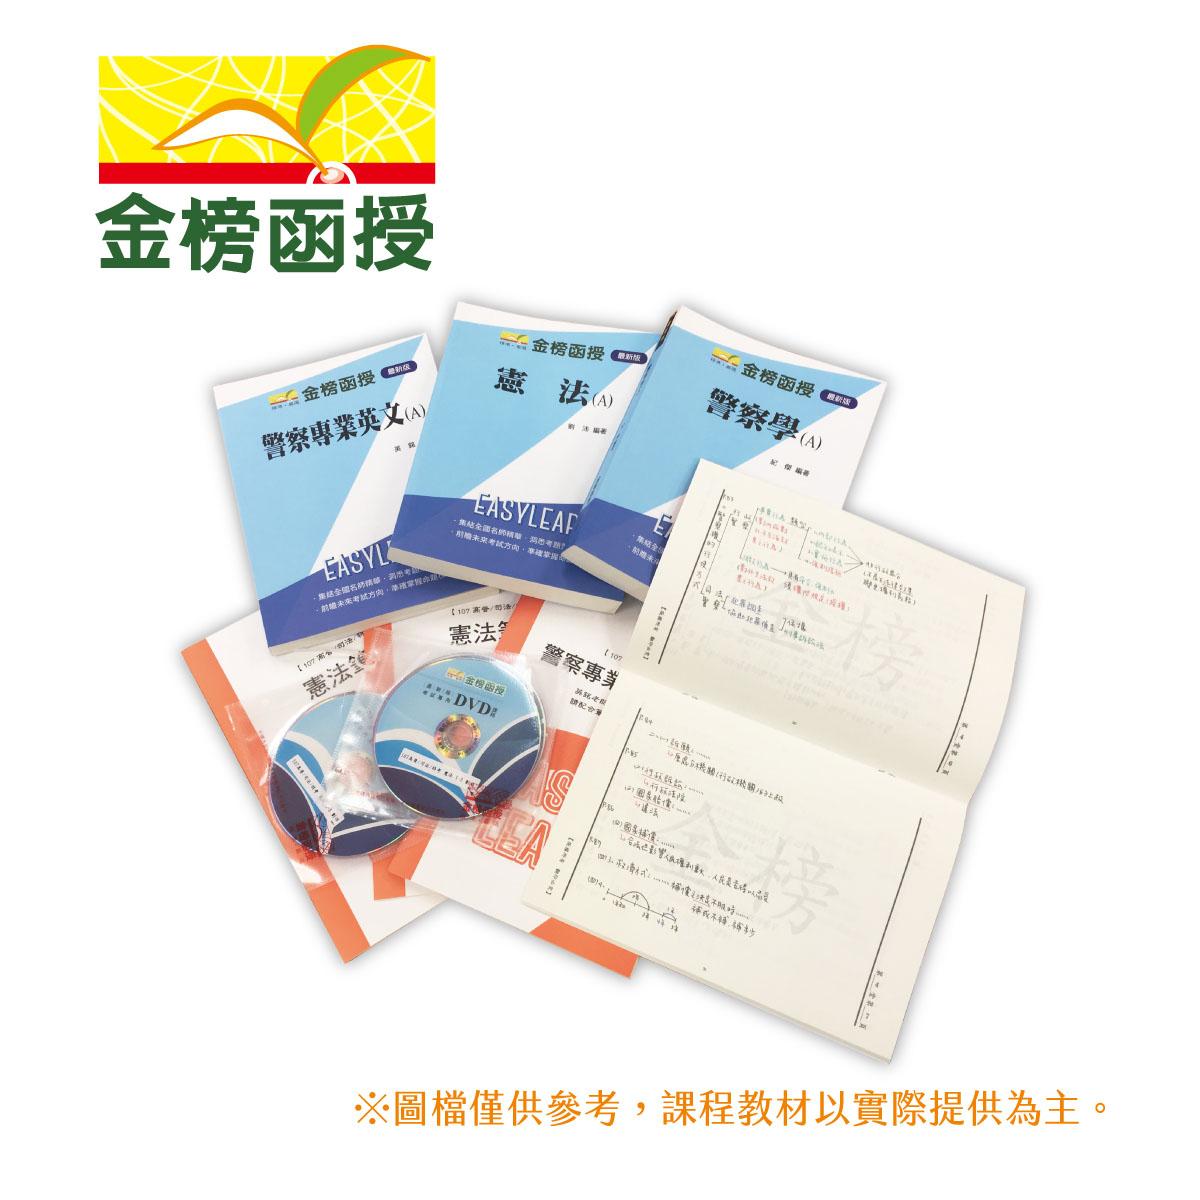 107金榜函授/地方特考/四等/全套/文化行政/书面